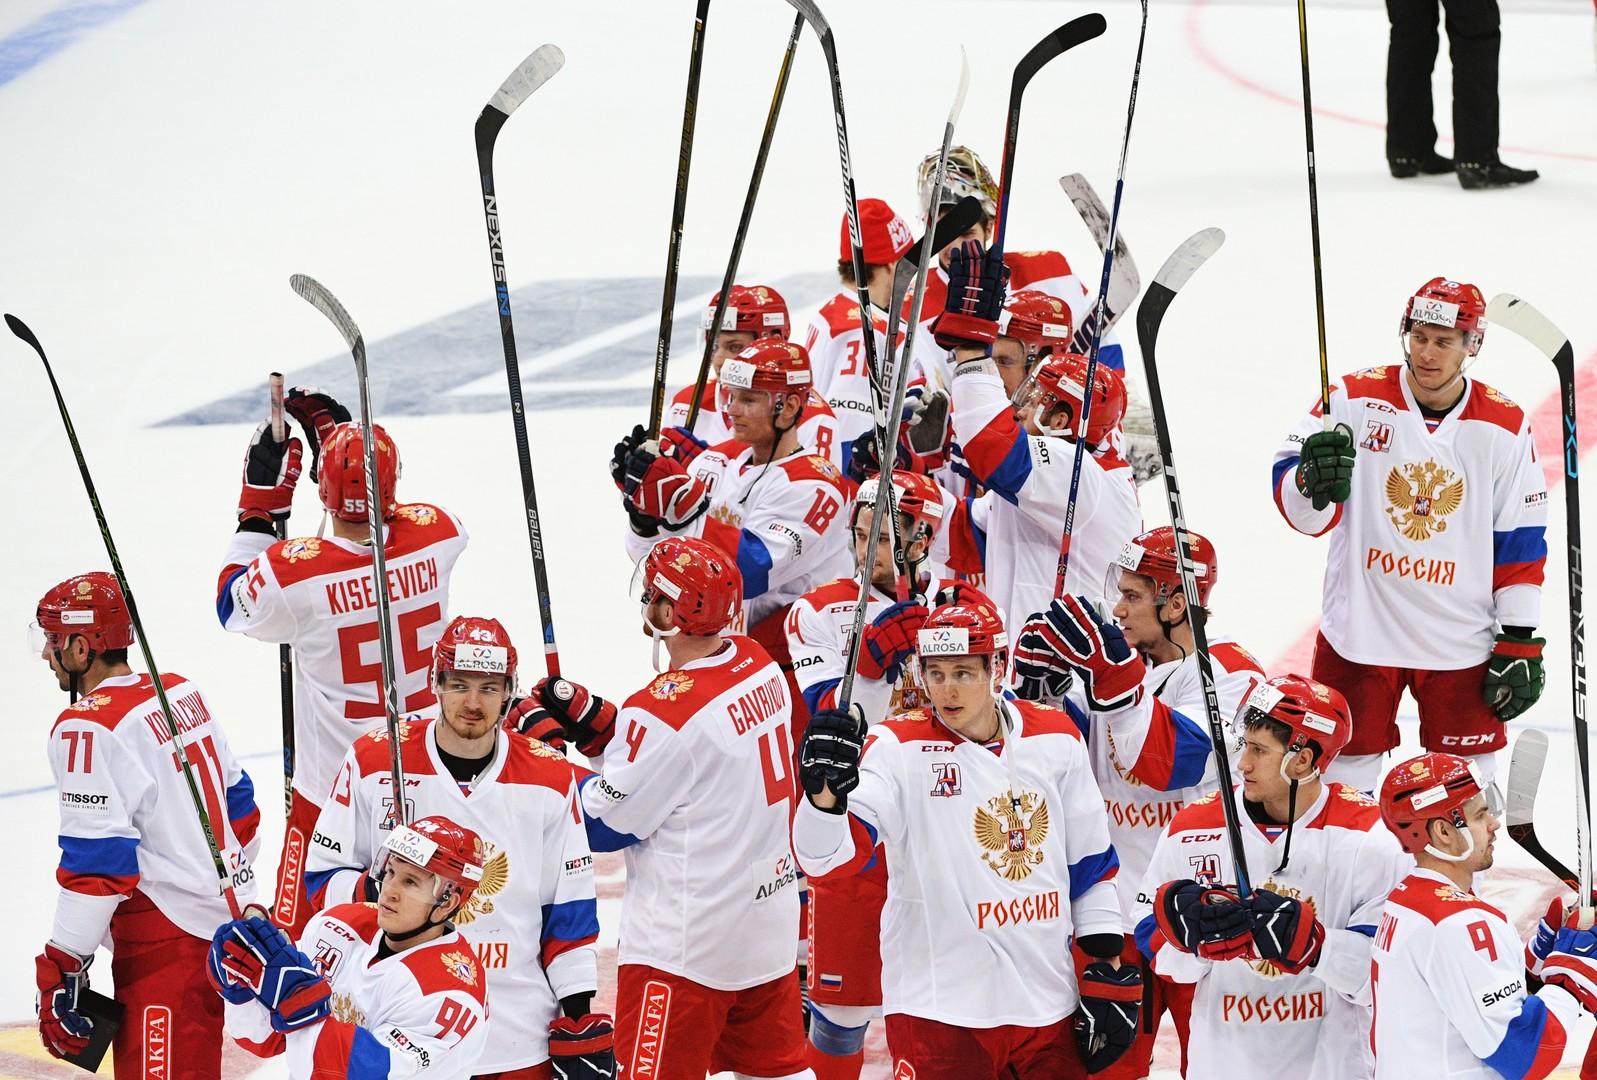 «Атмосфера праздника»: олимпийский чемпион Светлов об итогах Кубка Первого канала